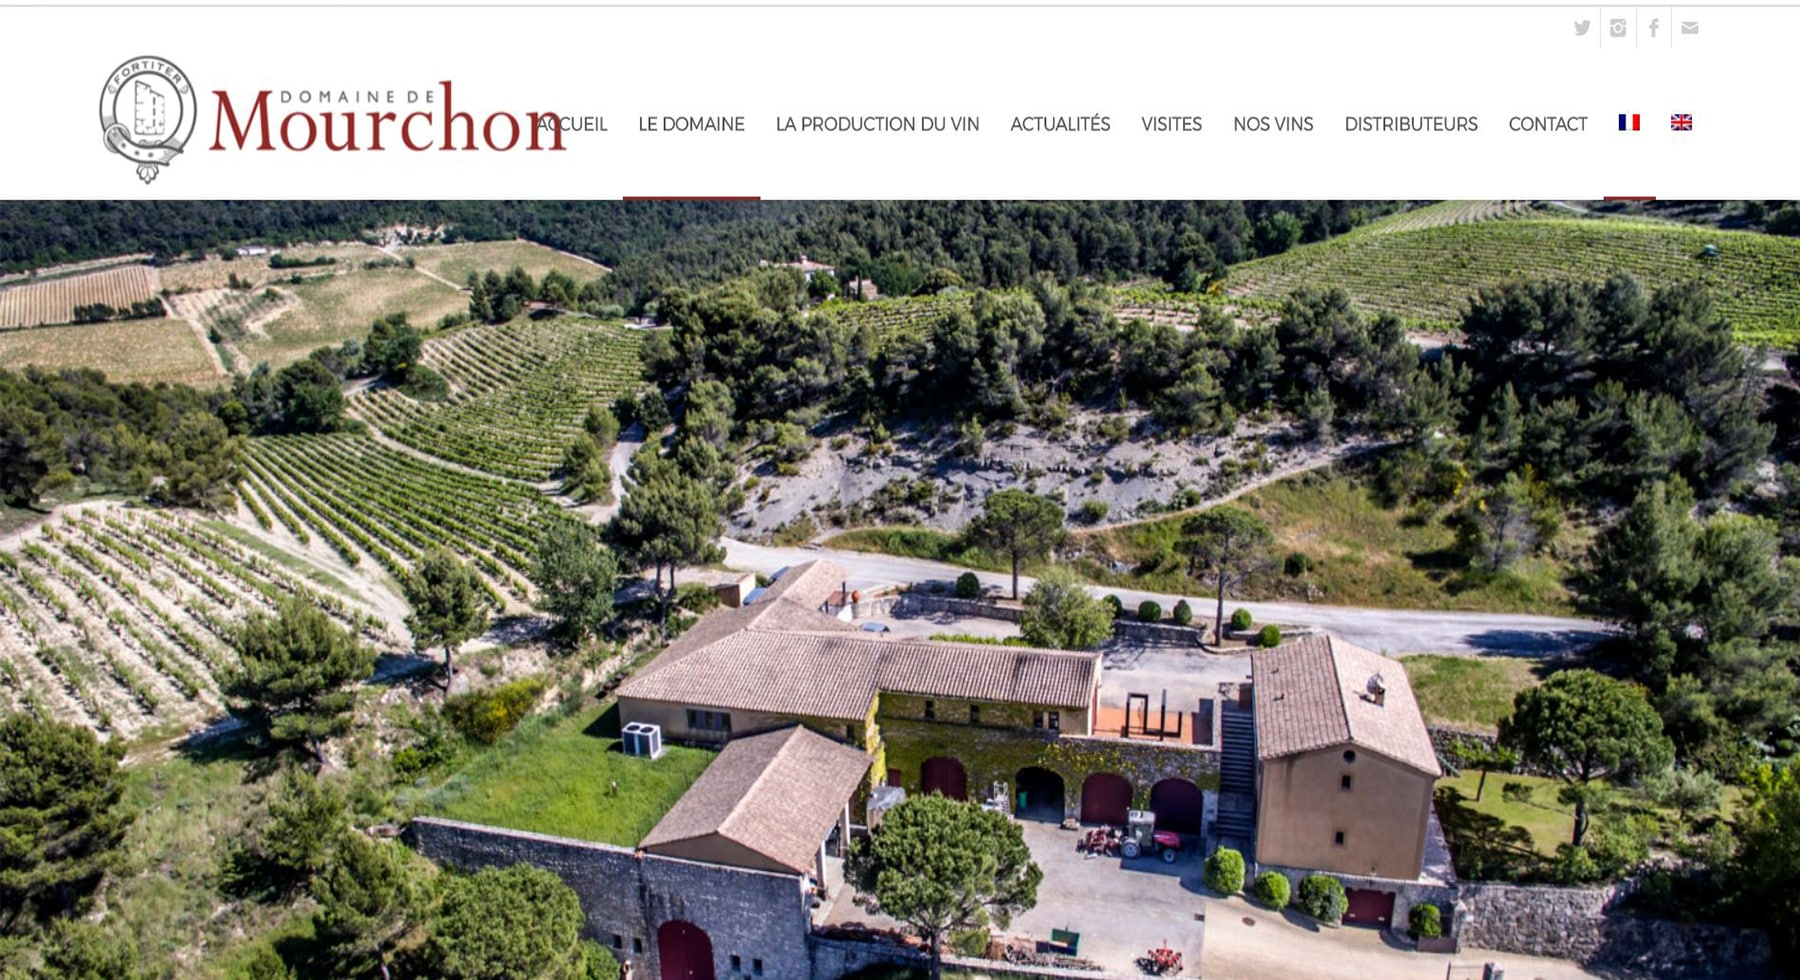 Domaine Mourchon